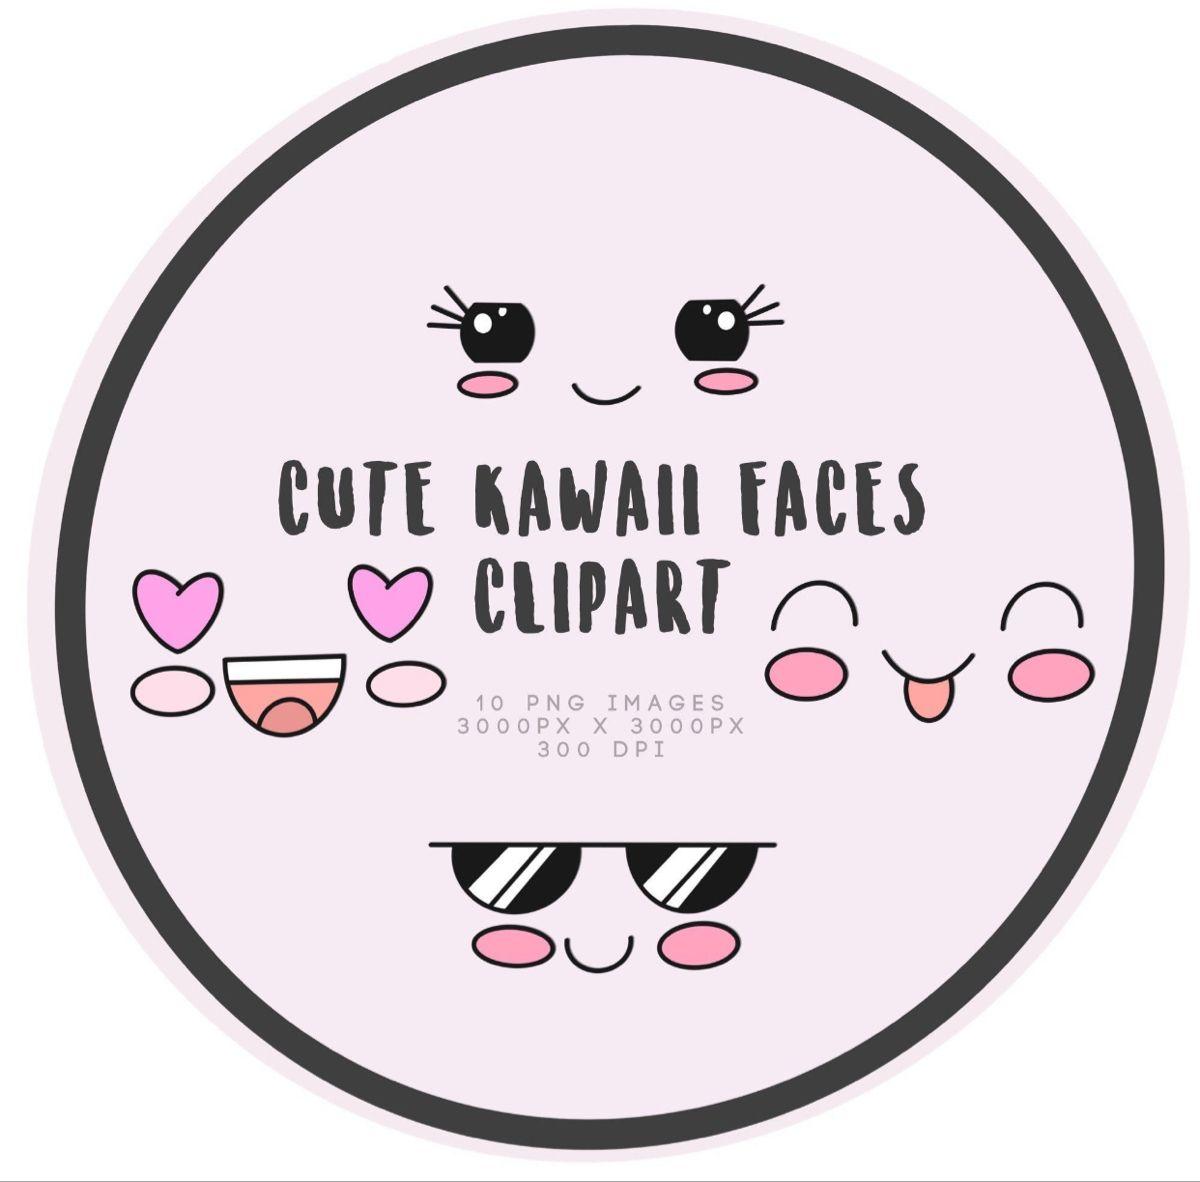 Cute Kawaii Faces Clipart